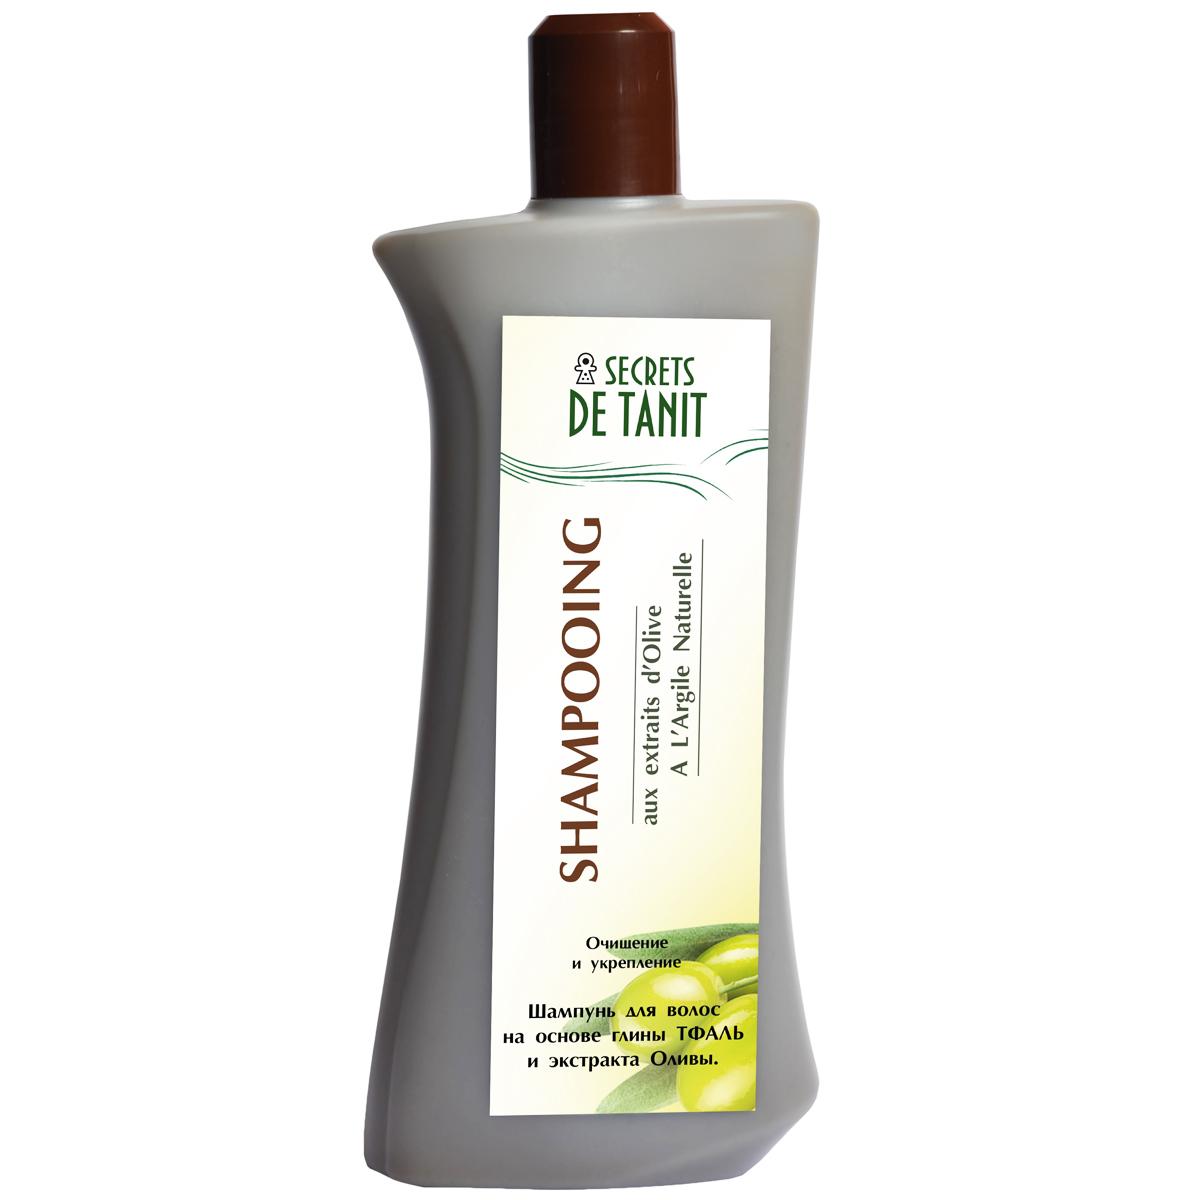 Secrets de Tanit Шампунь с Тфалью и маслом оливы, 400 мл1000020Натуральный шампунь  Secrets de Tanitна основе глины Тфаль (Гассуль ) вулканического происхождения деликатно очищает волосы от загрязнений и осуществляет деликатный пилинг кожи головы. Масло оливы, входящее в состав шампуня, питает волосы, насыщает витаминами А, Е, защищает волосы от негативного воздействия окружающей среды.В результате мытья волосы уплотняются, приобретают блеск и сияние.